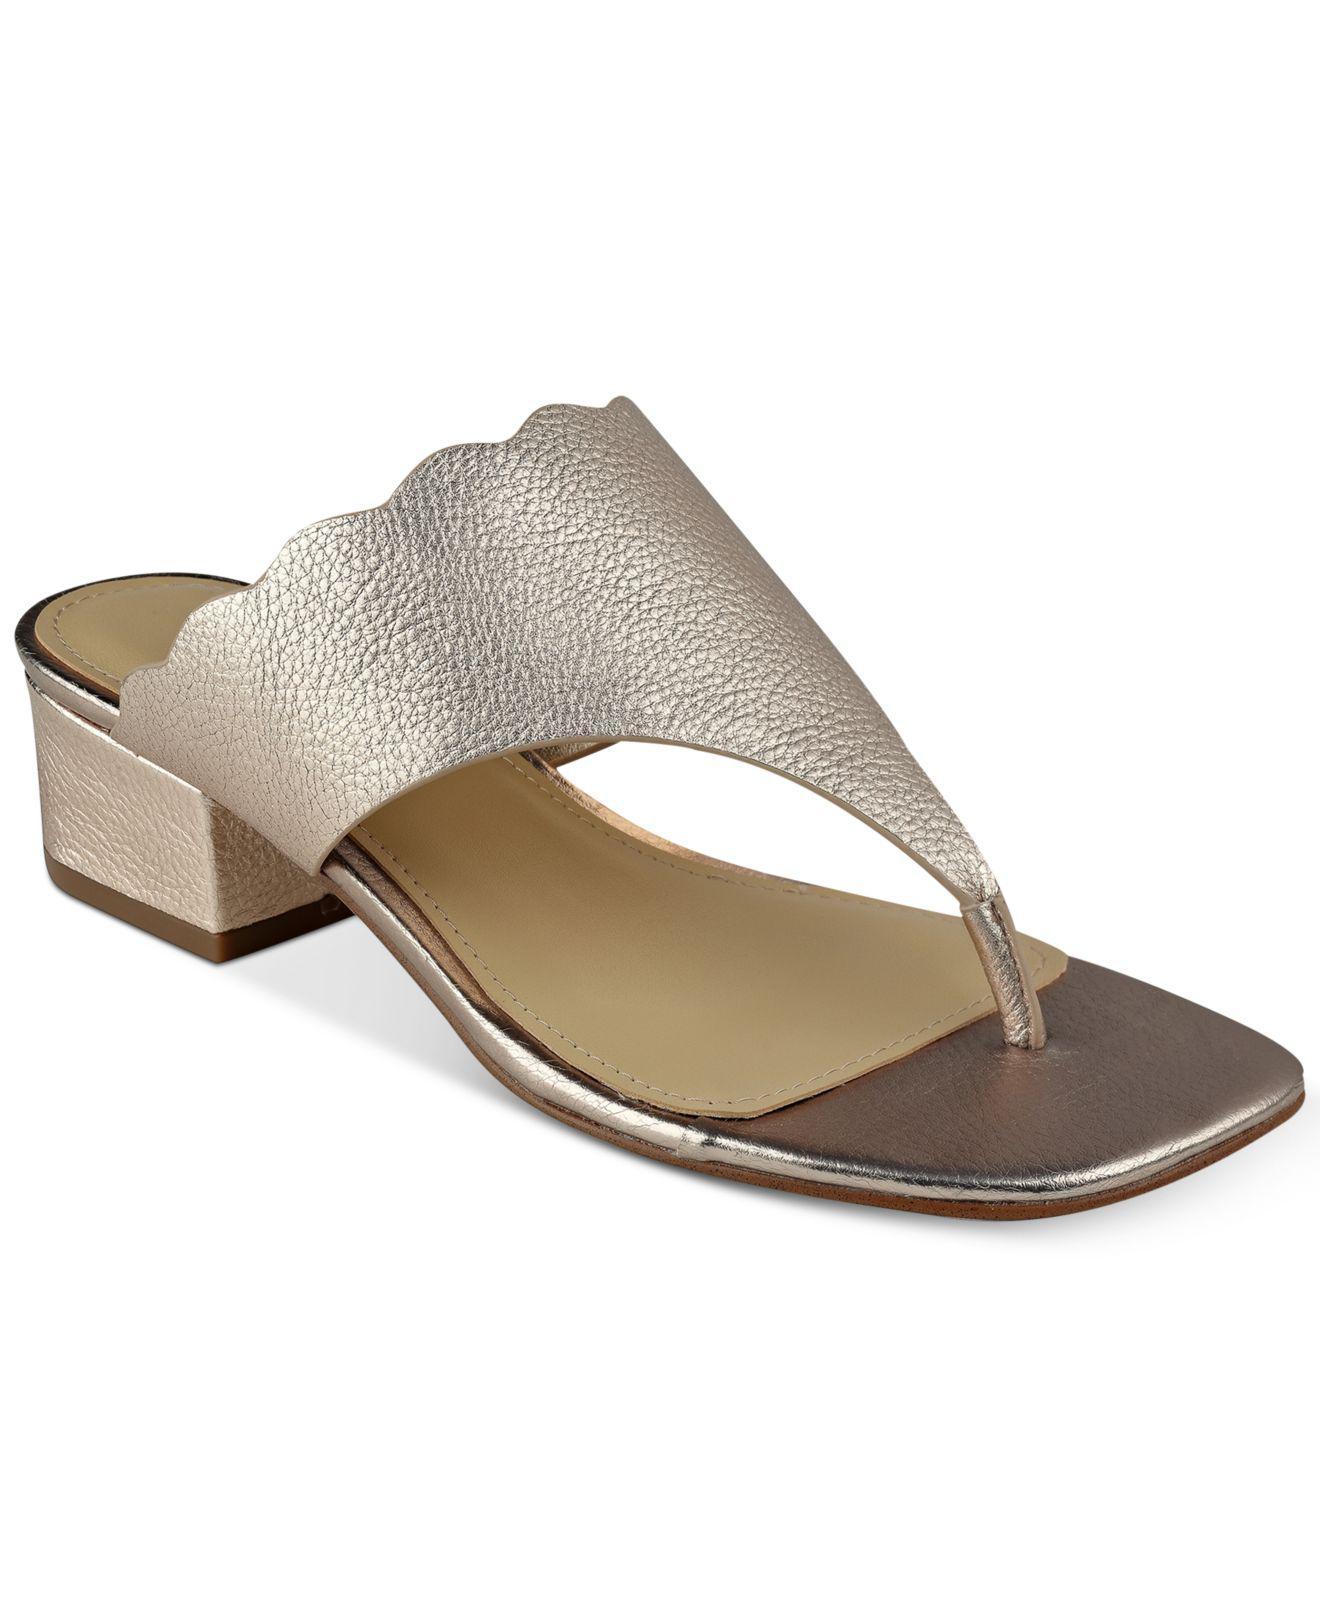 7971407ee Lyst - Marc Fisher Veva Thong Sandals in Metallic